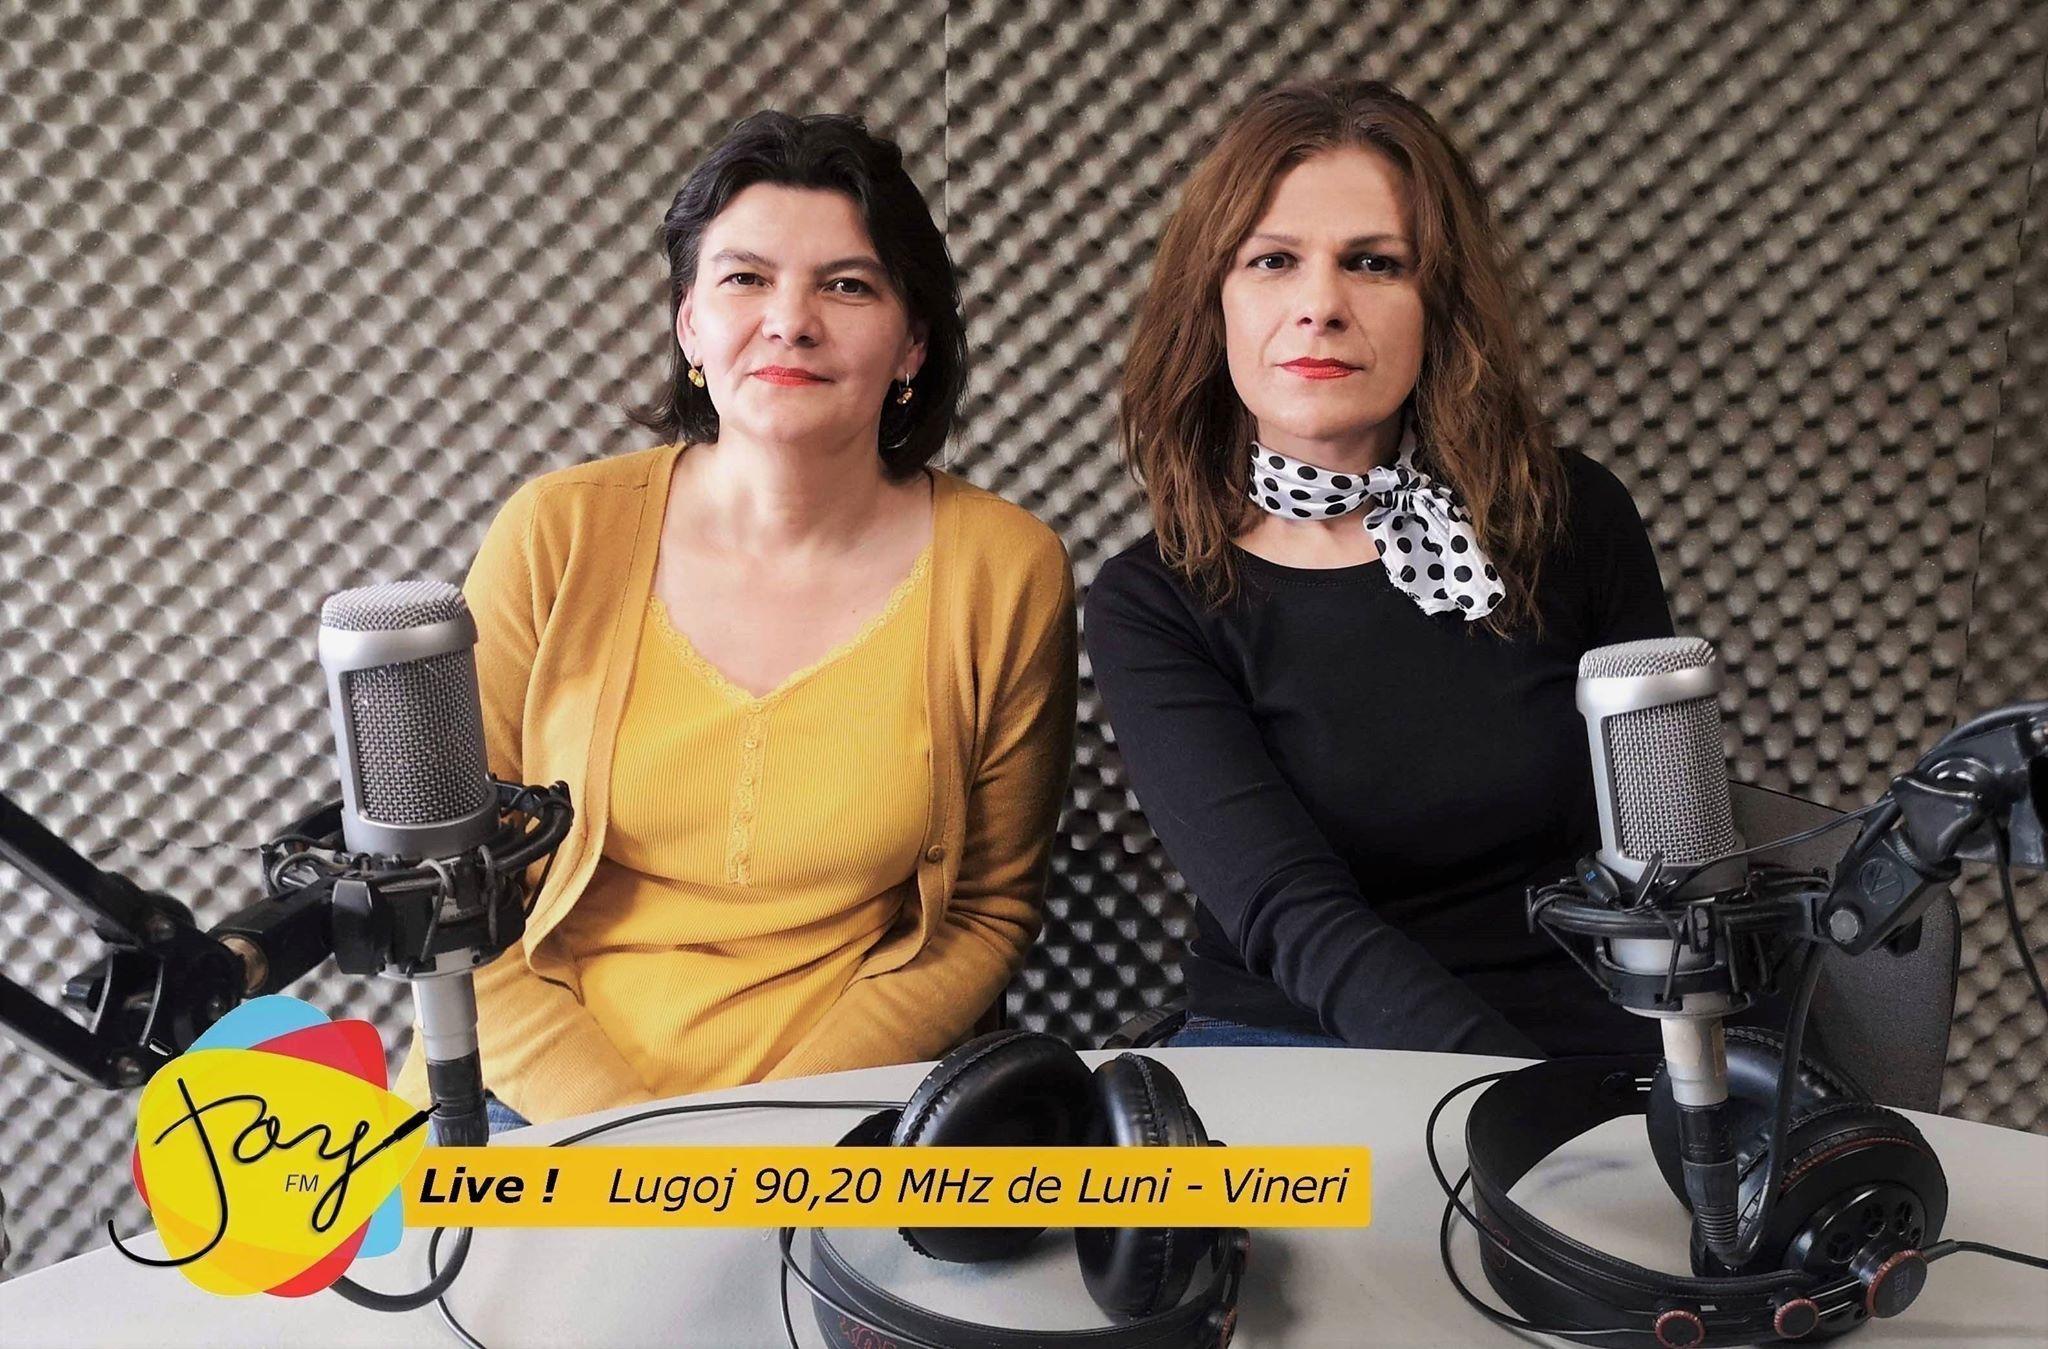 Daciana Vuia, director al Muzeului de Istorie, Etnografie și Artă Plastică din Lugoj joi la Joy Live